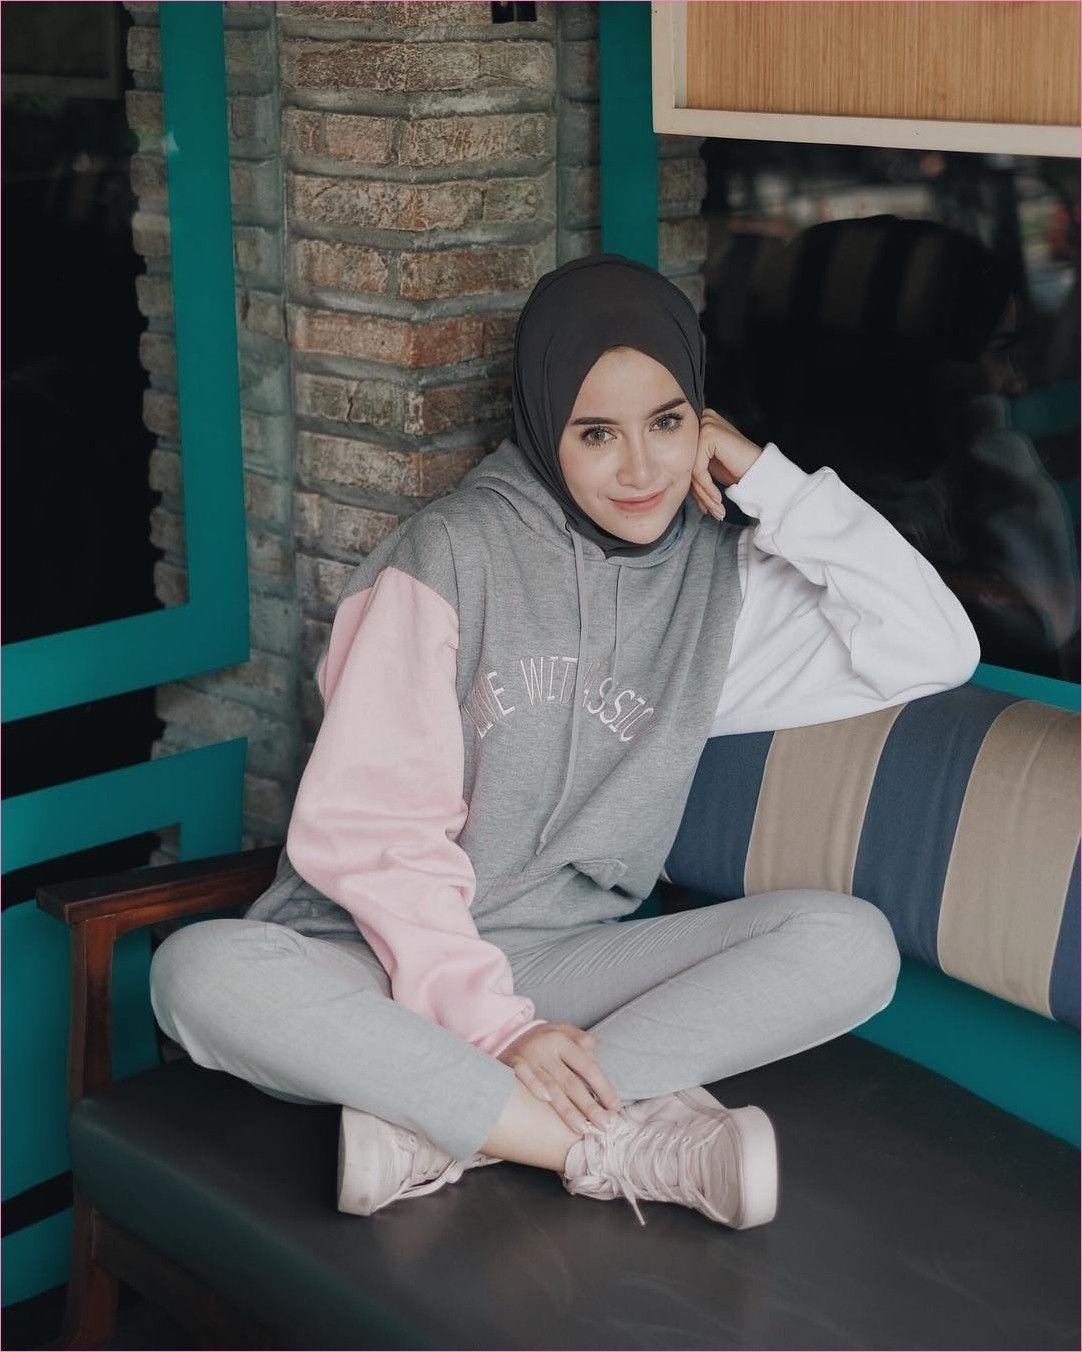 hoodie ootd sweater putih hijab jilbab gallery